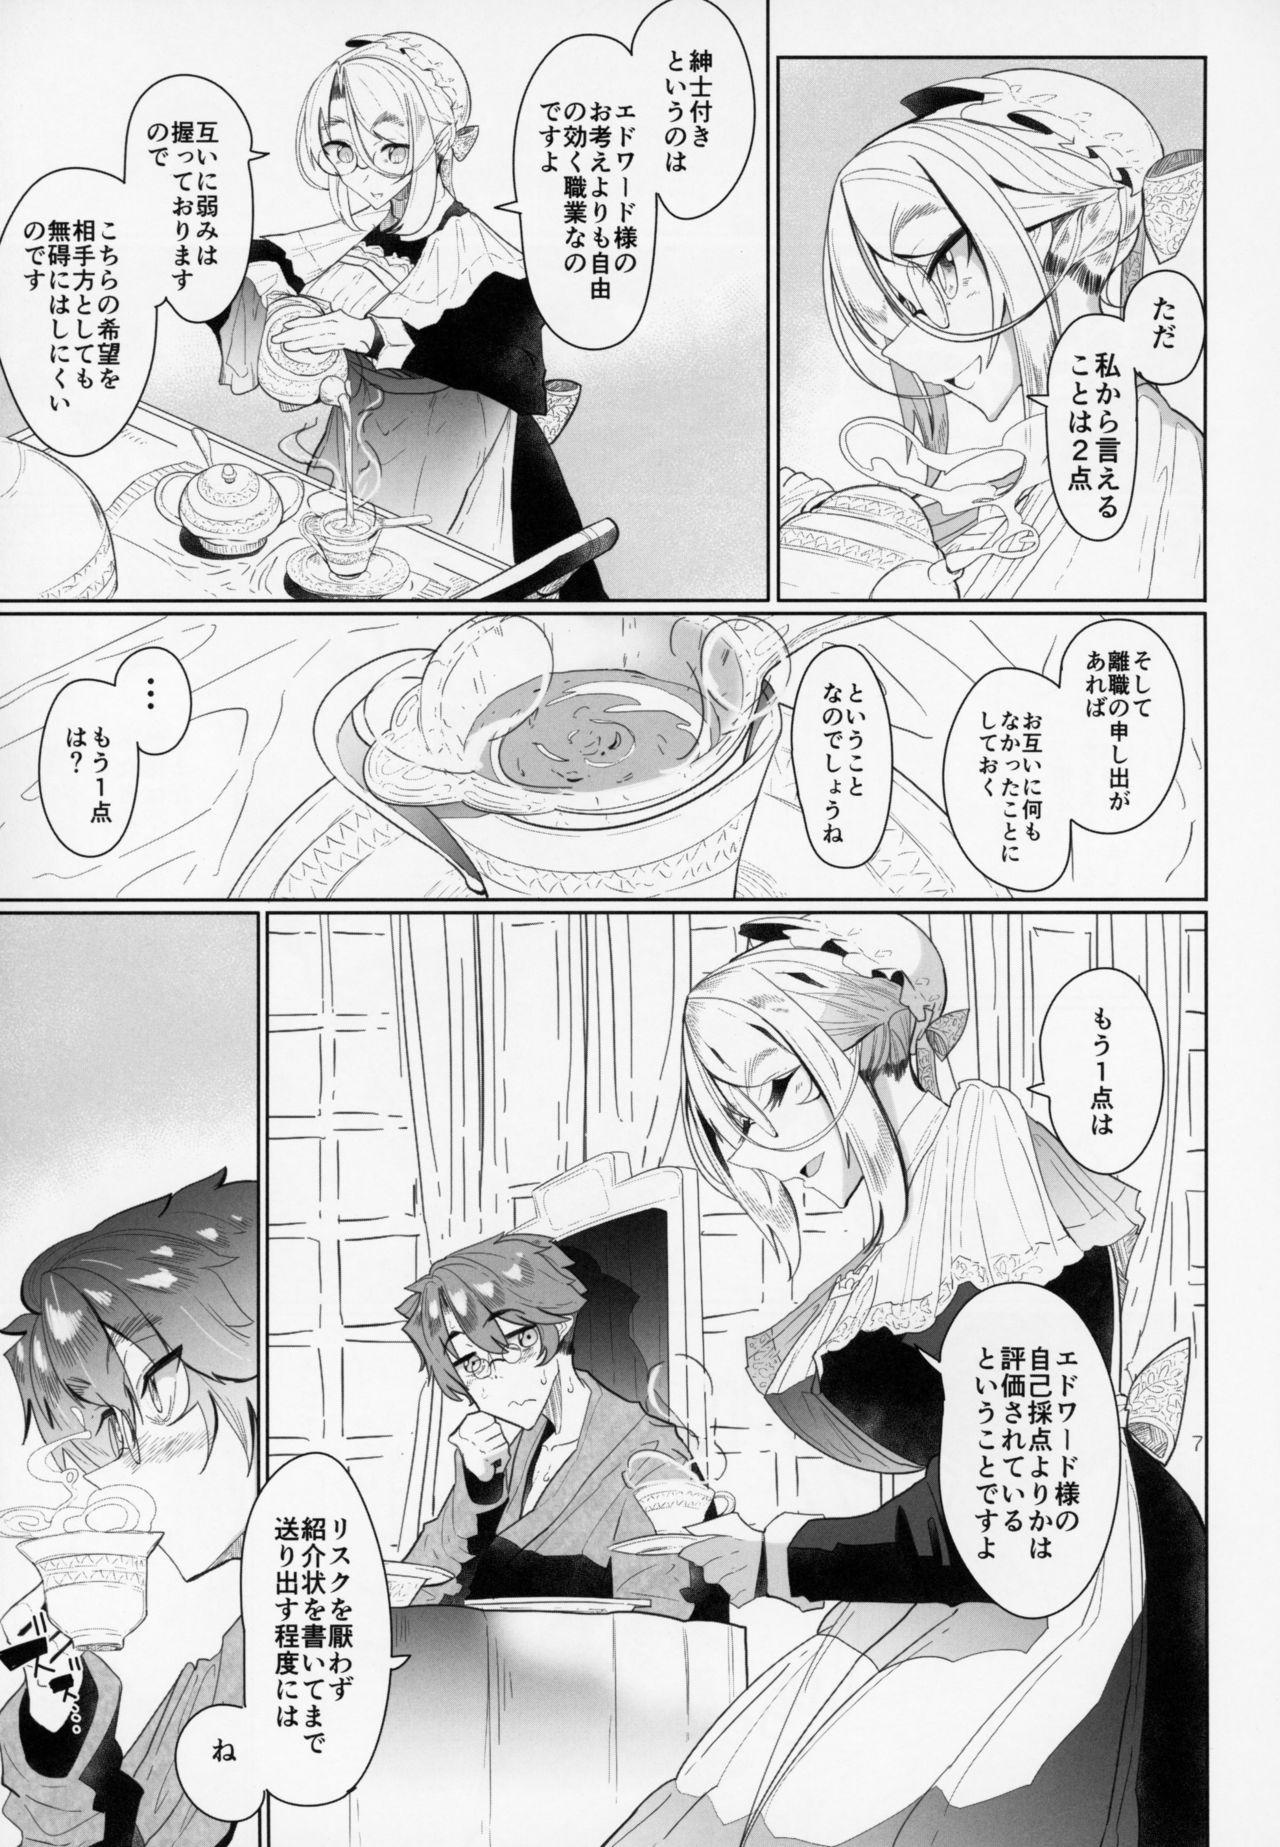 Shinshi Tsuki Maid no Sophie-san 2 11